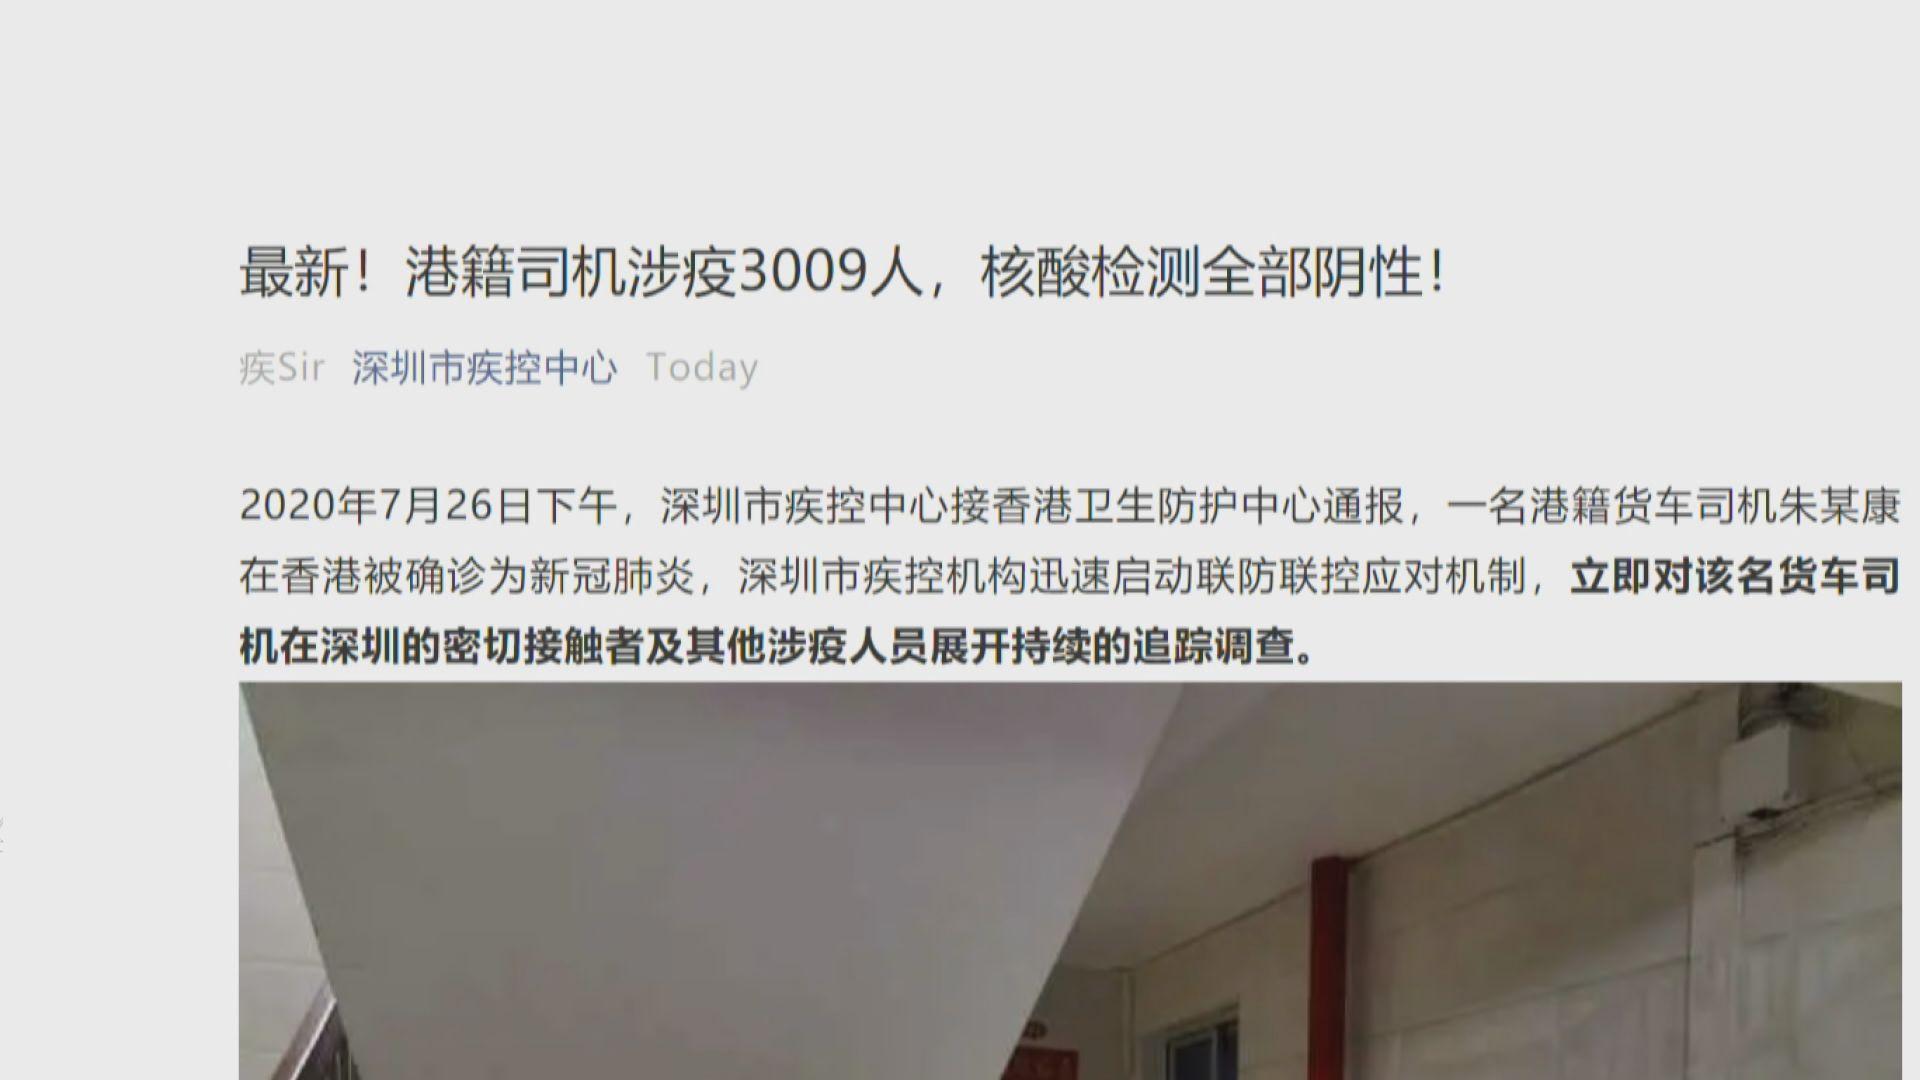 本港貨車司機確診 深圳東莞檢測四千人全部樣本呈陰性